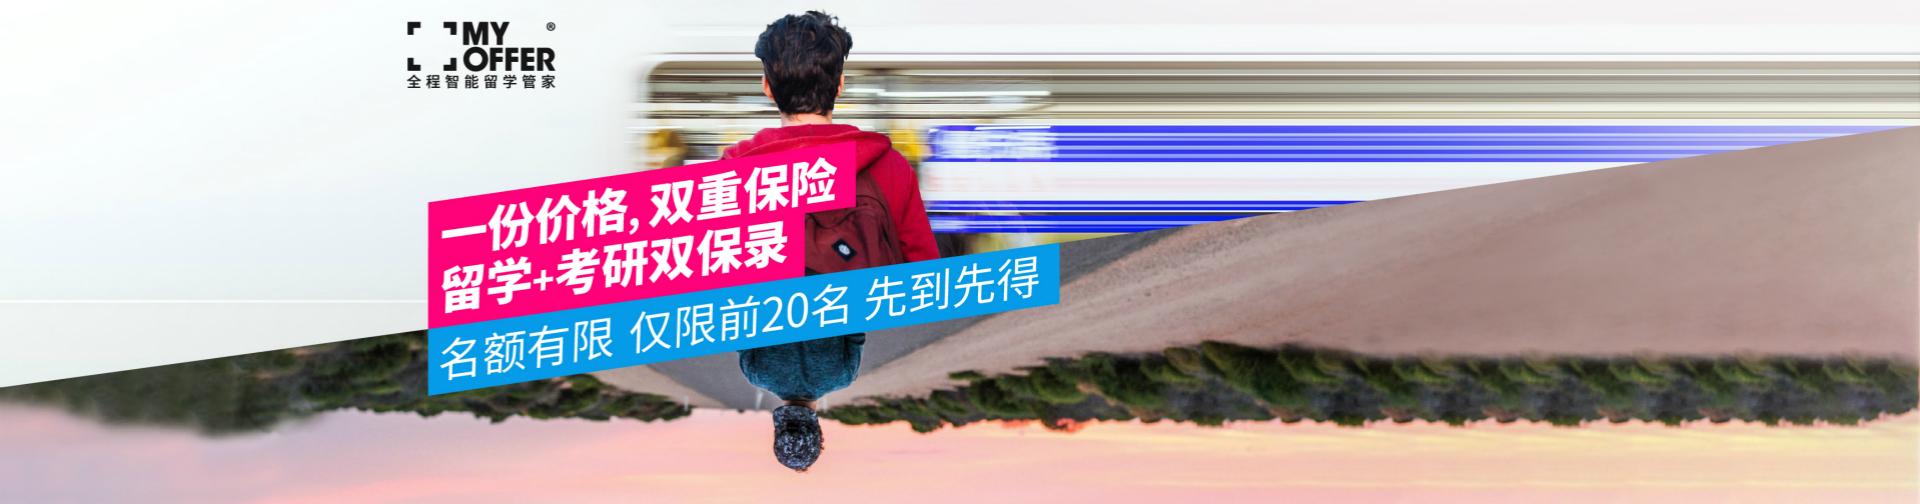 http://myoffer-public.oss-cn-shenzhen.aliyuncs.com/banners/4ac31398d16cfc3d5d1351eca76f8e93-657844-1920x504.jpeg